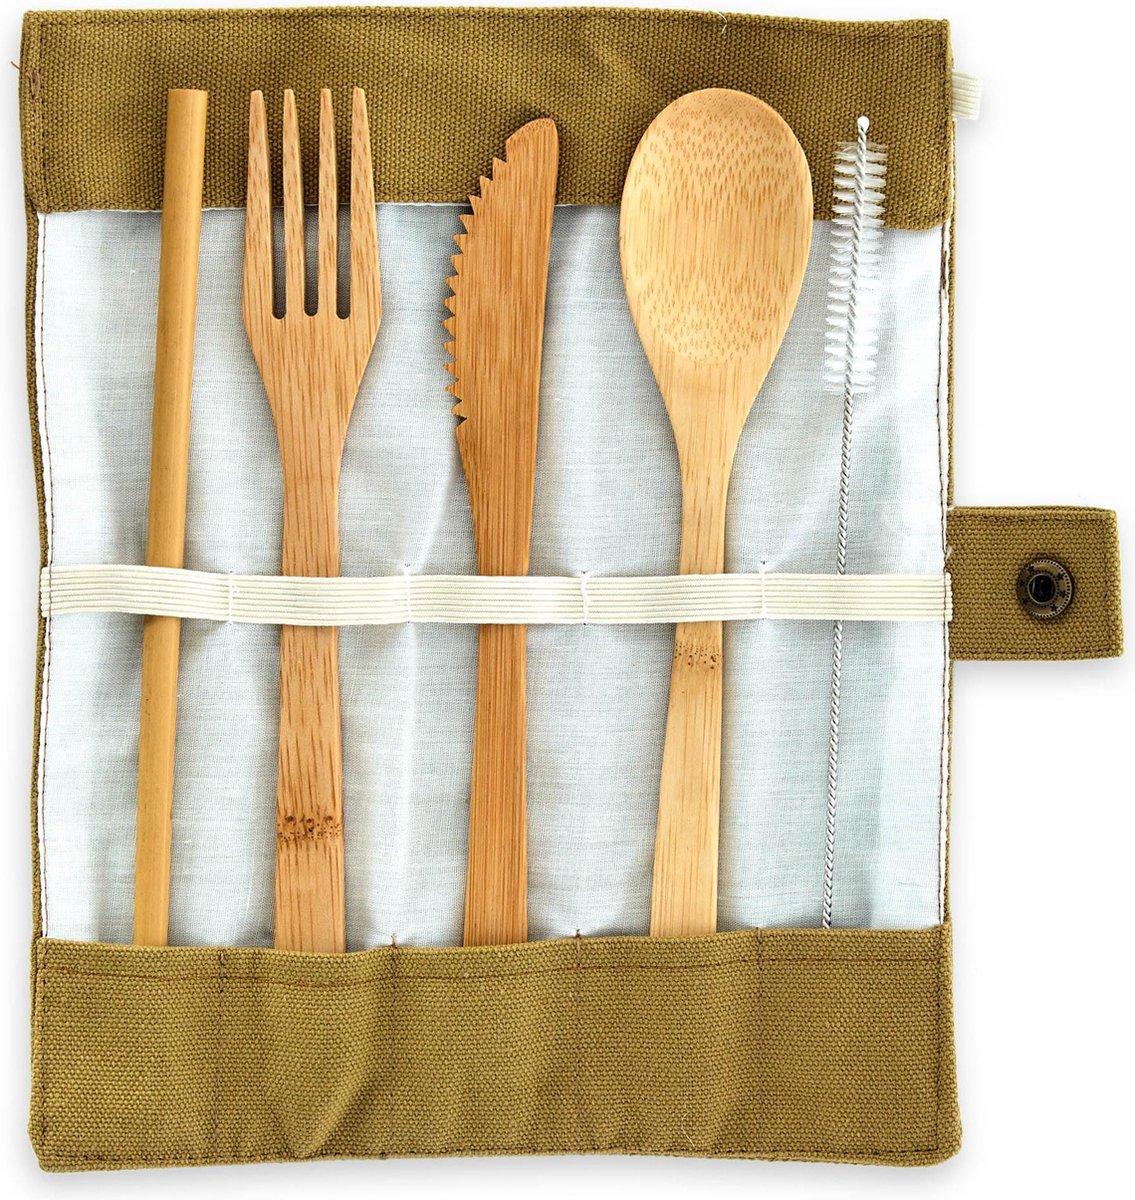 Blumfeldt bamboe bestekset met lepel, vork, mes en rietjes - 100% Bamboe - Ecologische en herbruikbare bestek, voor reizen, feestjes en bbq inclusief tas